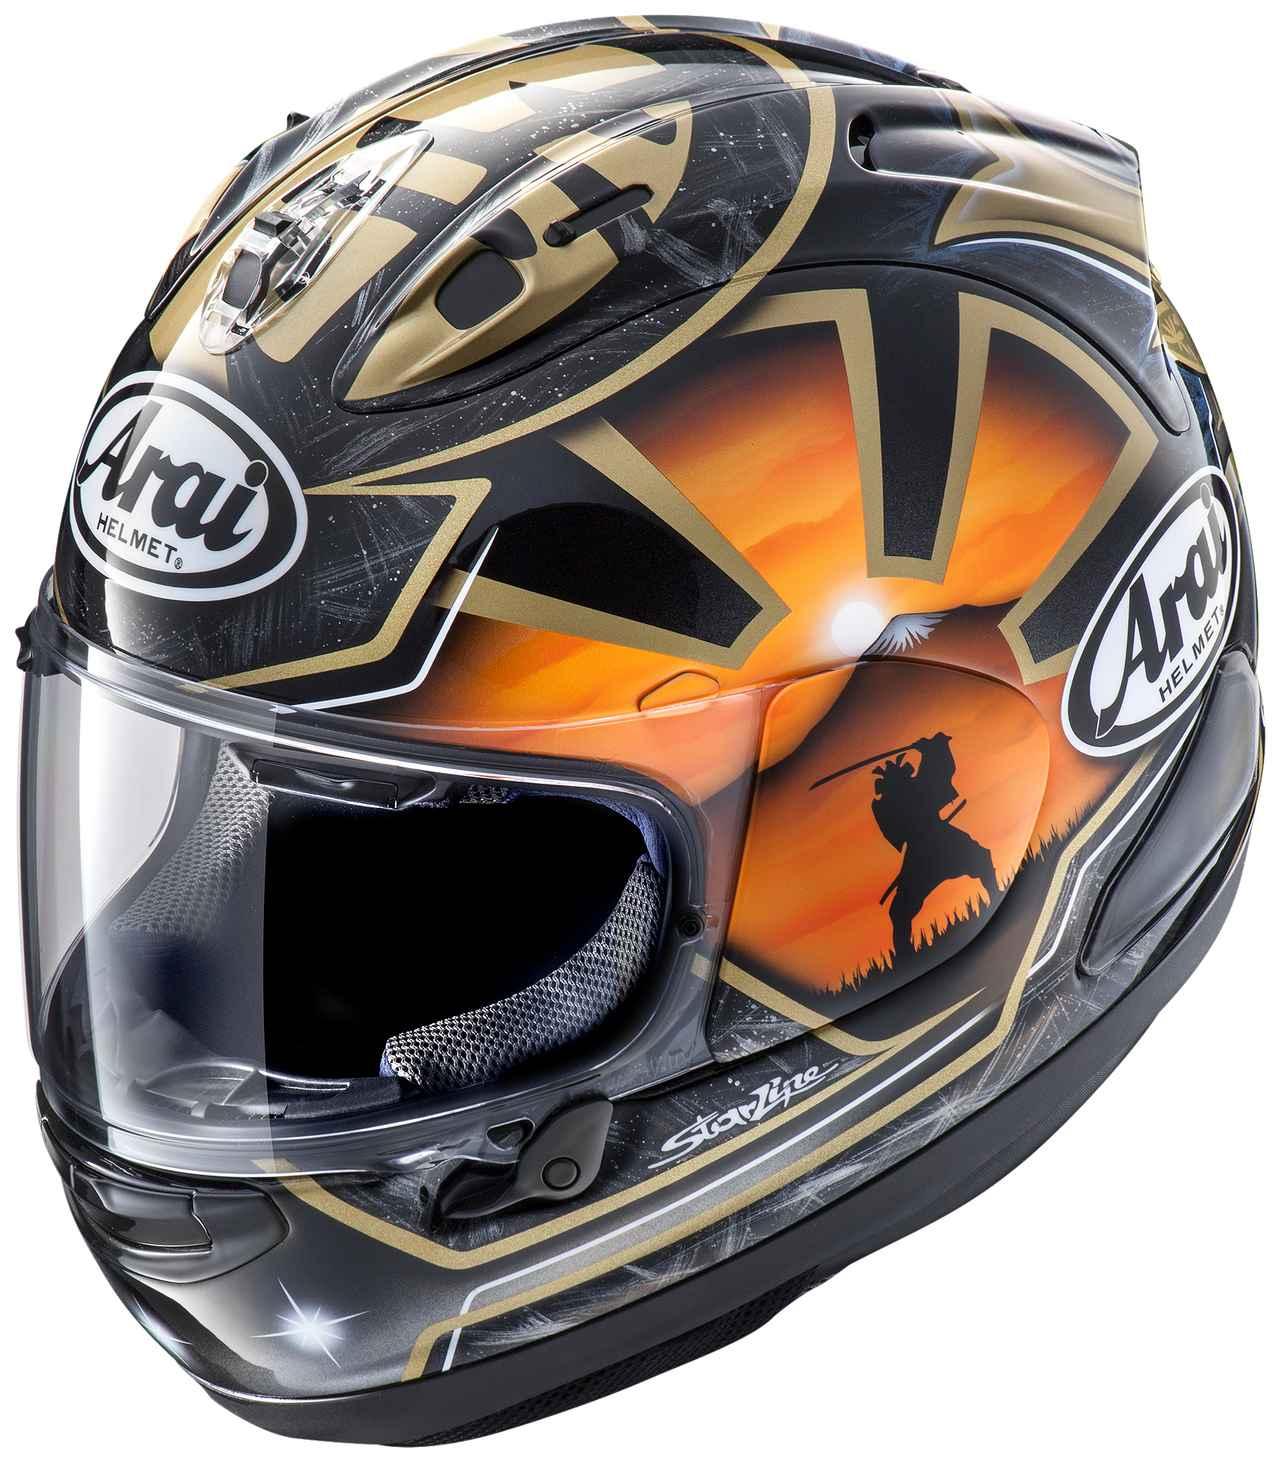 画像1: 今シーズン限りの引退を発表した、MotoGPライダー「ダニ・ペドロサ選手」のファイナルレプリカ!